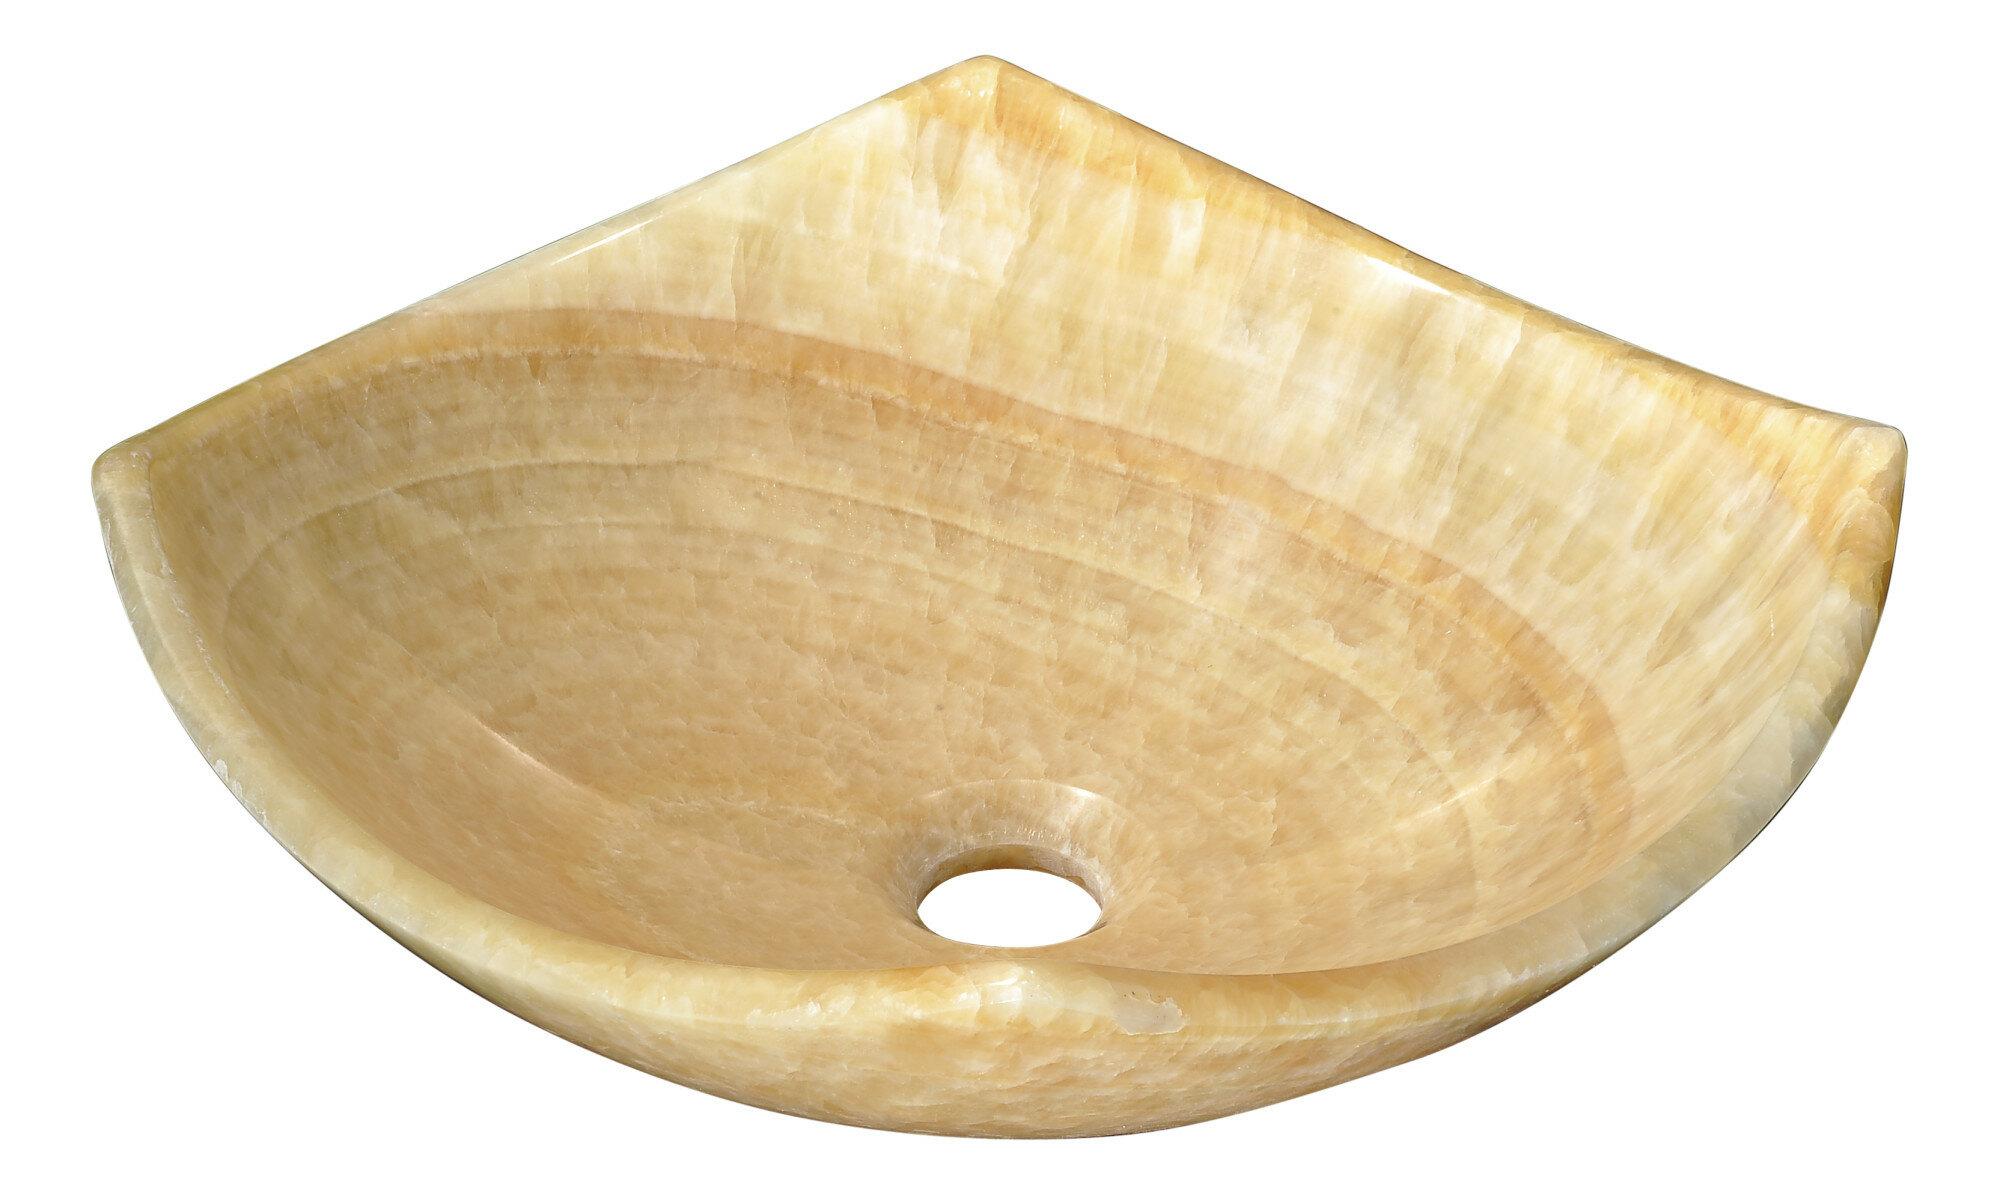 Anzzi Flavescent Visage Cream Jade Stone Specialty Vessel Bathroom Sink Reviews Perigold